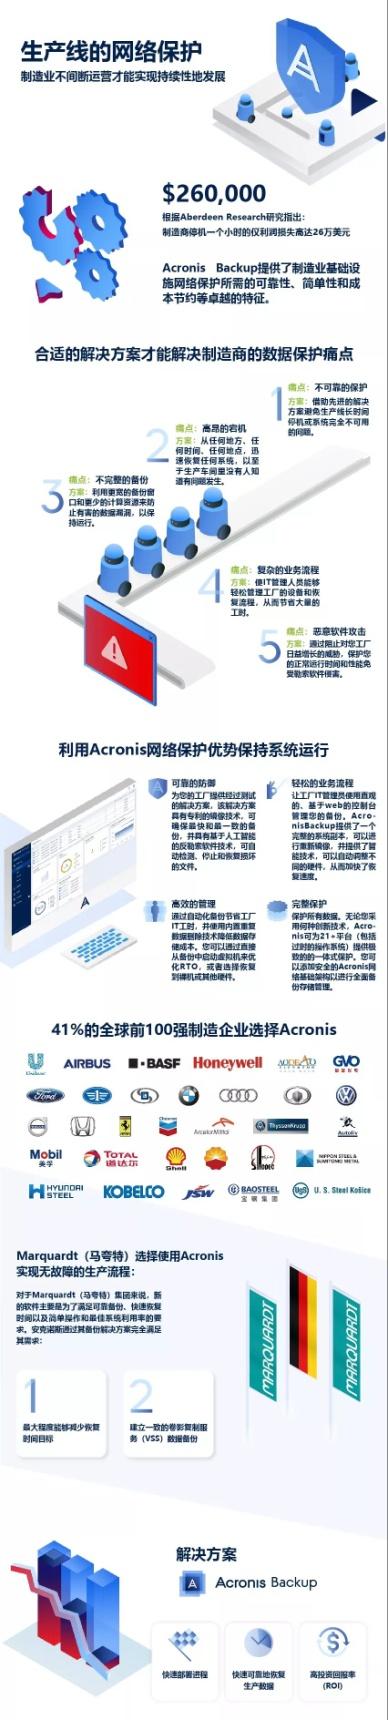 Acronis―生产线故障的最强克星,专治各种数据保护难题!